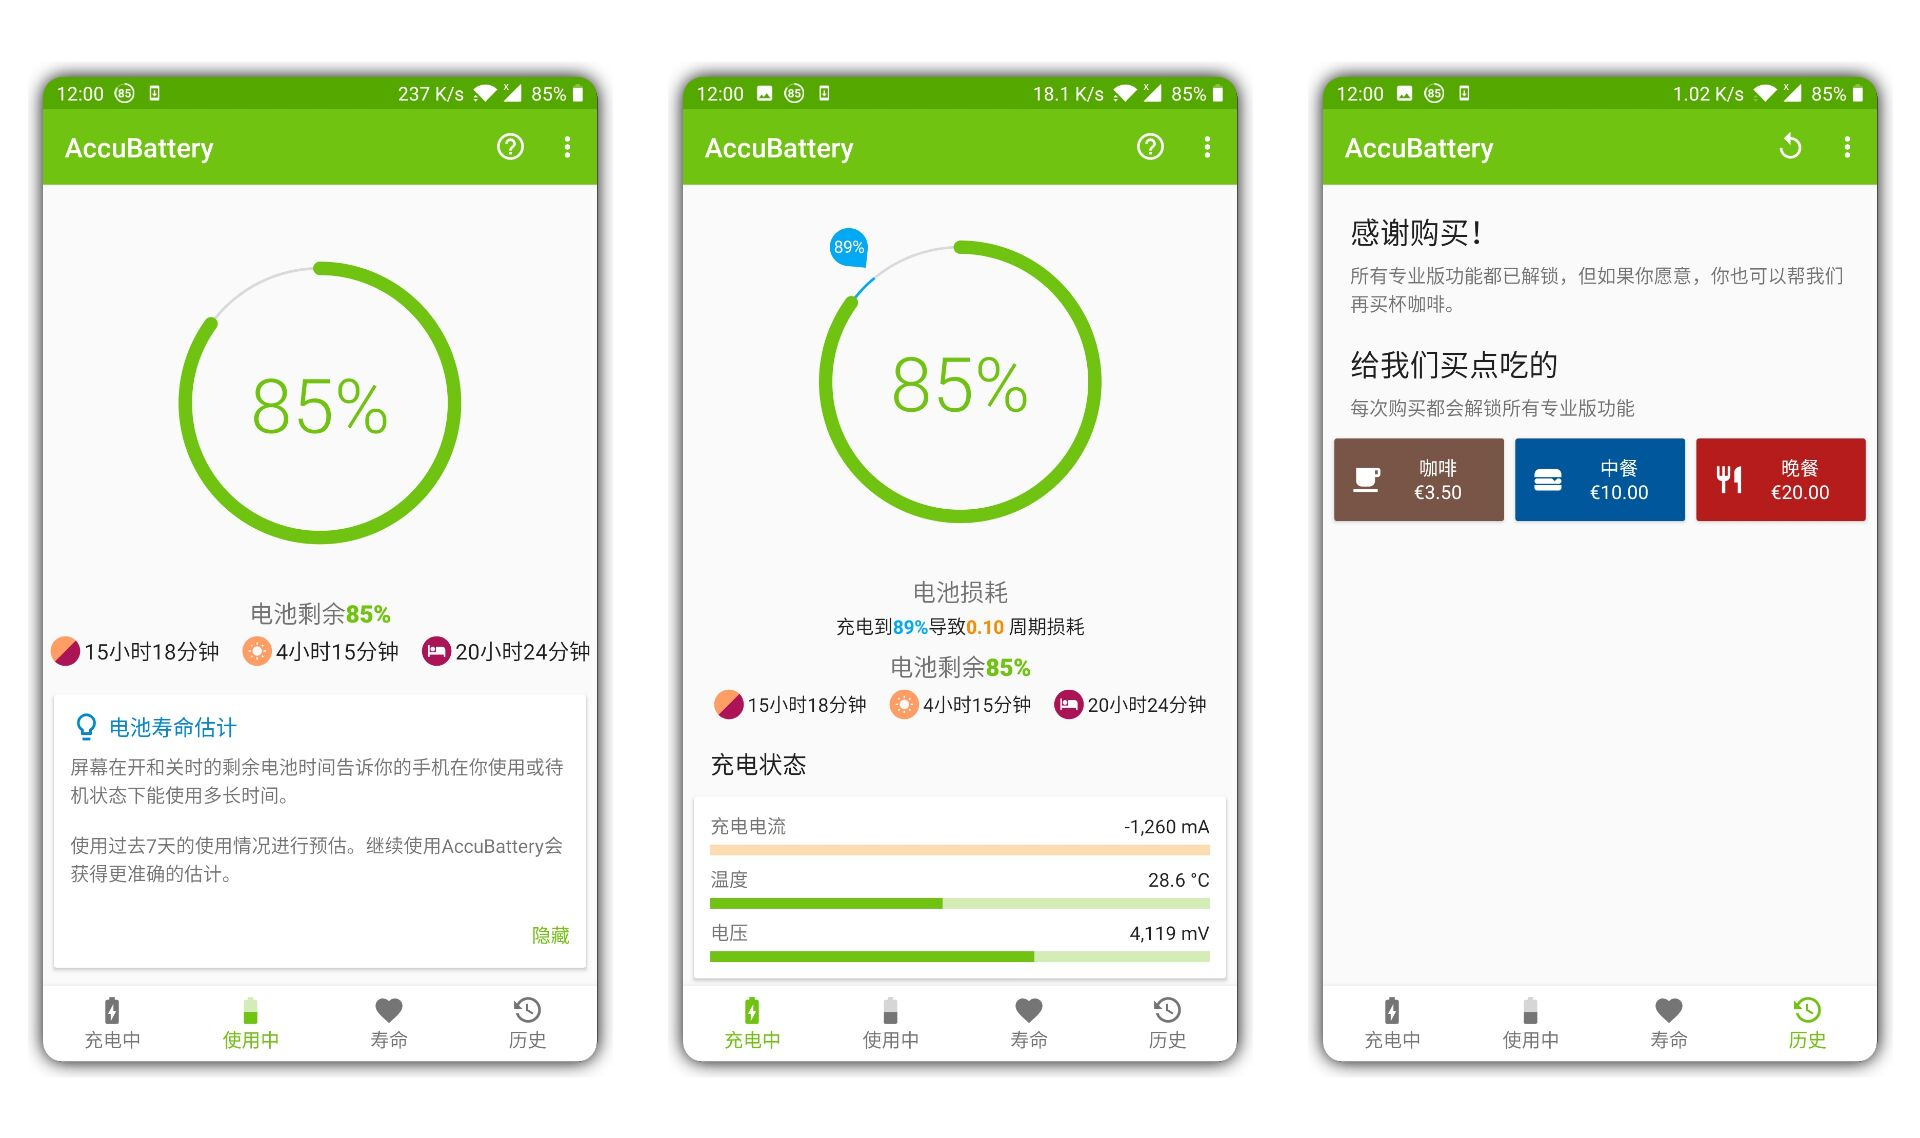 【AccuBattery精准电量Pro】电池健康检测软件 保护电池寿命,【AccuBattery精准电量Pro】电池健康检测软件 保护电池寿命  第2张,第2张